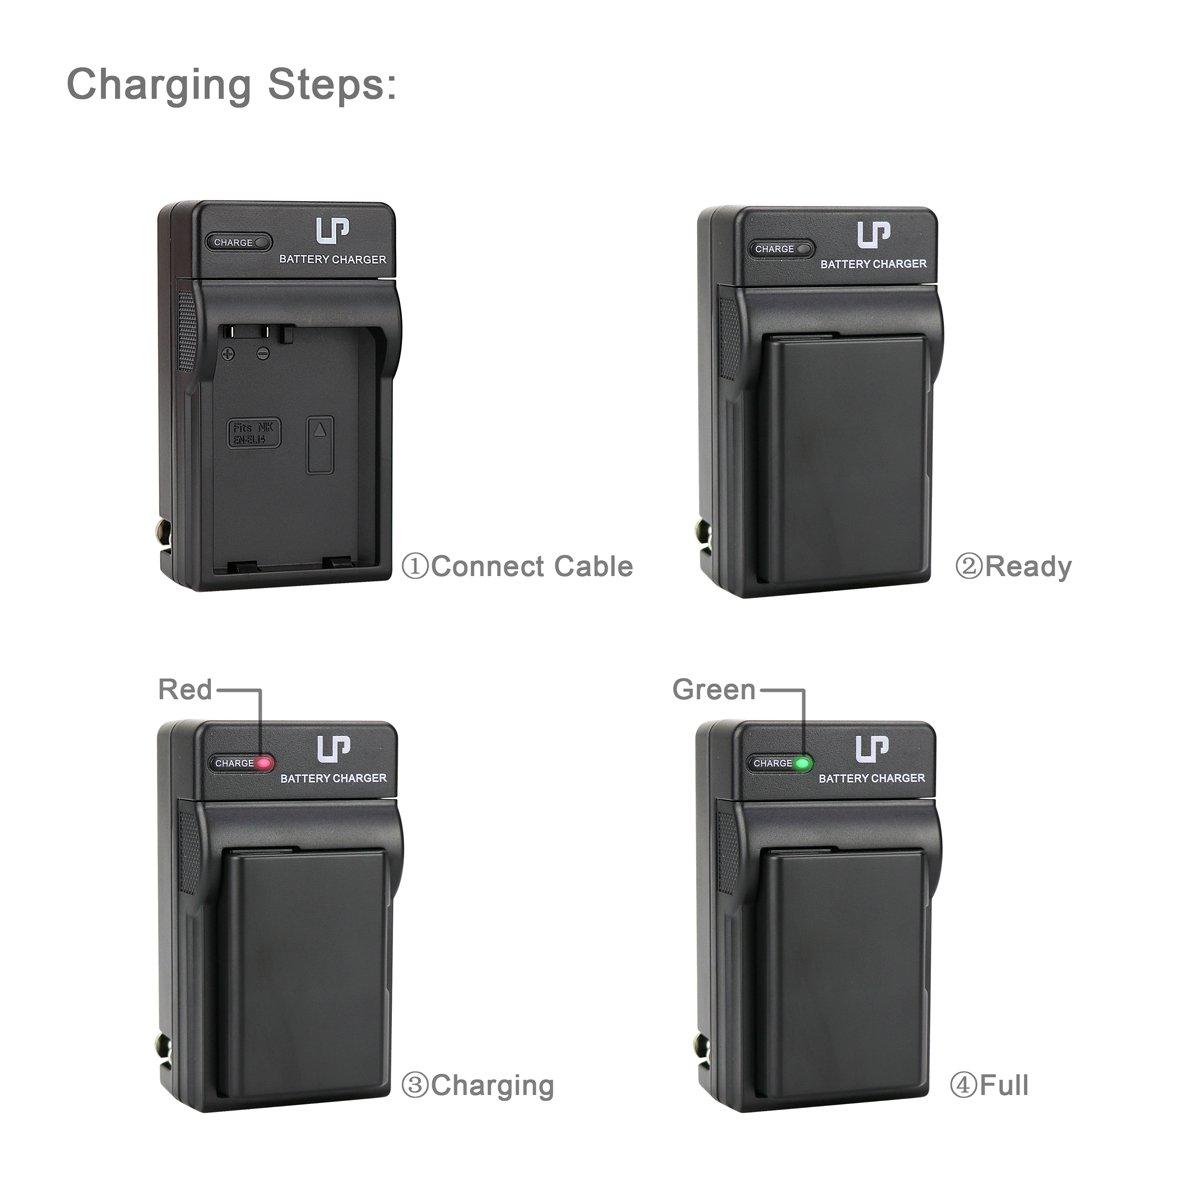 En El14 Battery And Charger For D3100 D3200 D3300 Power Connector Cover From Nikon D3400 D3500 D5100 D5200 D5300 D5500 D5600 Df Coolpix P7000 P7100 P7700